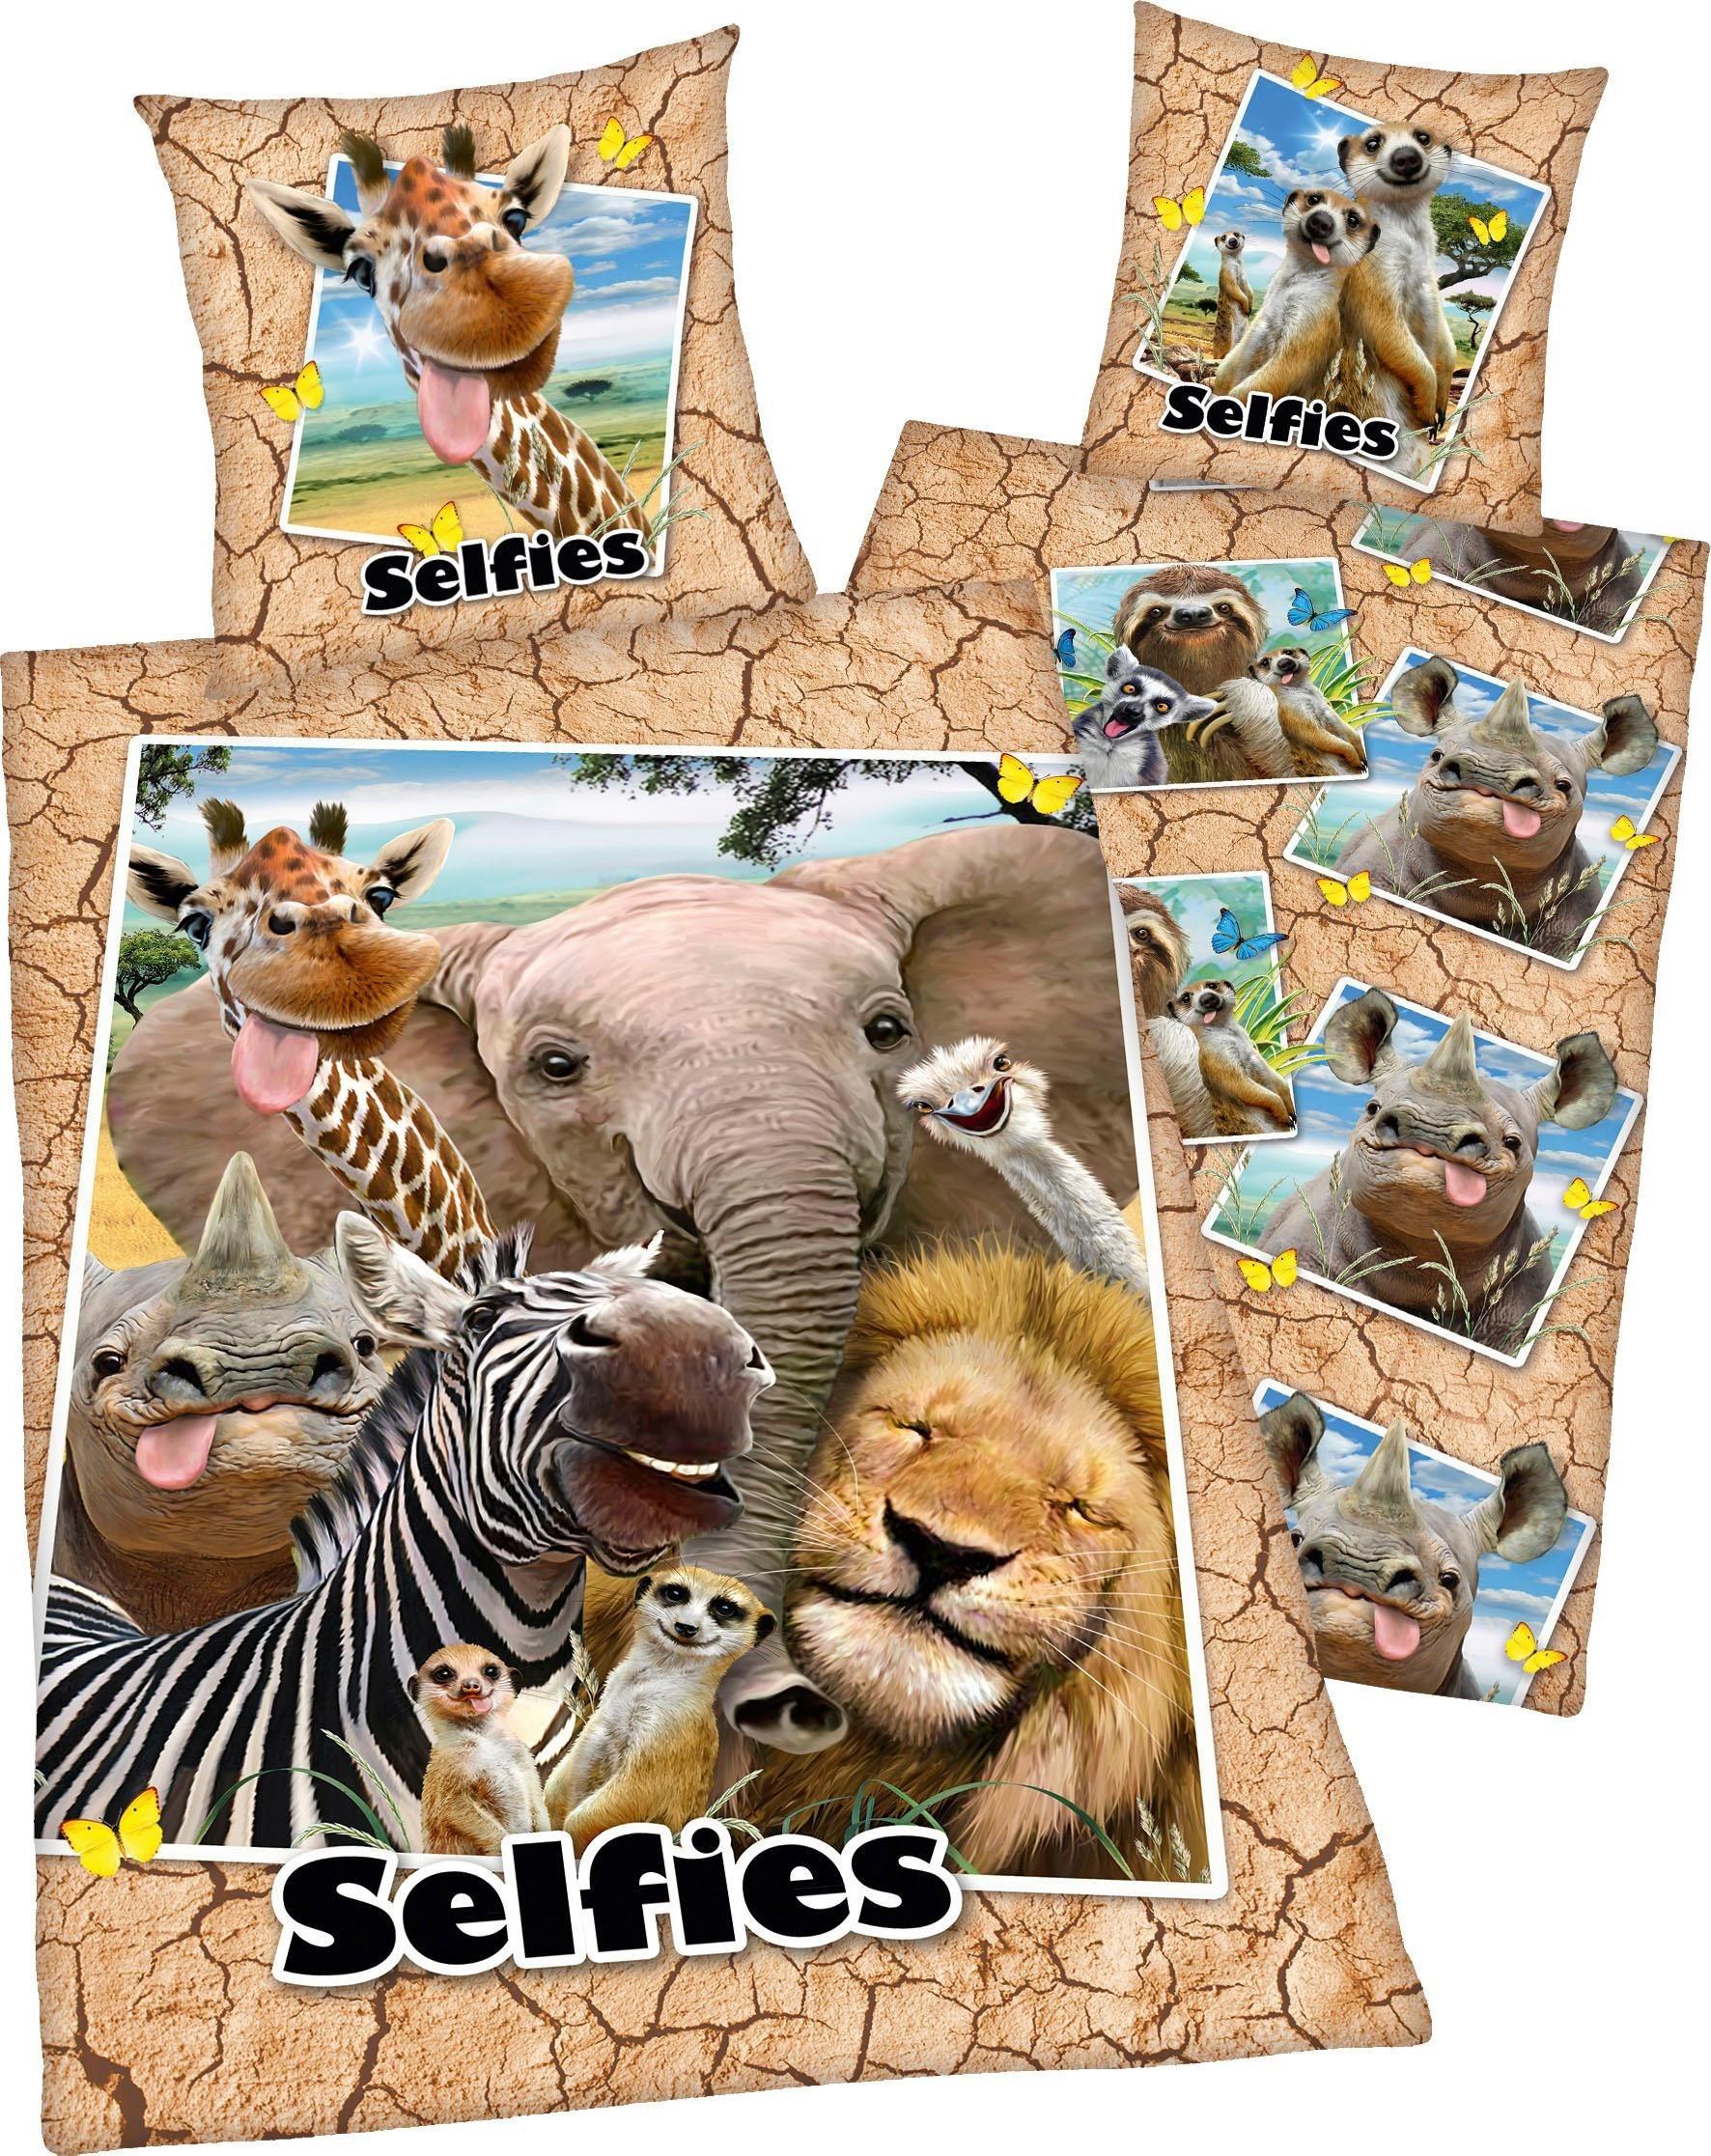 Kinderbettwäsche »Selfies Zootiere«, mit Zootieren   Kinderzimmer